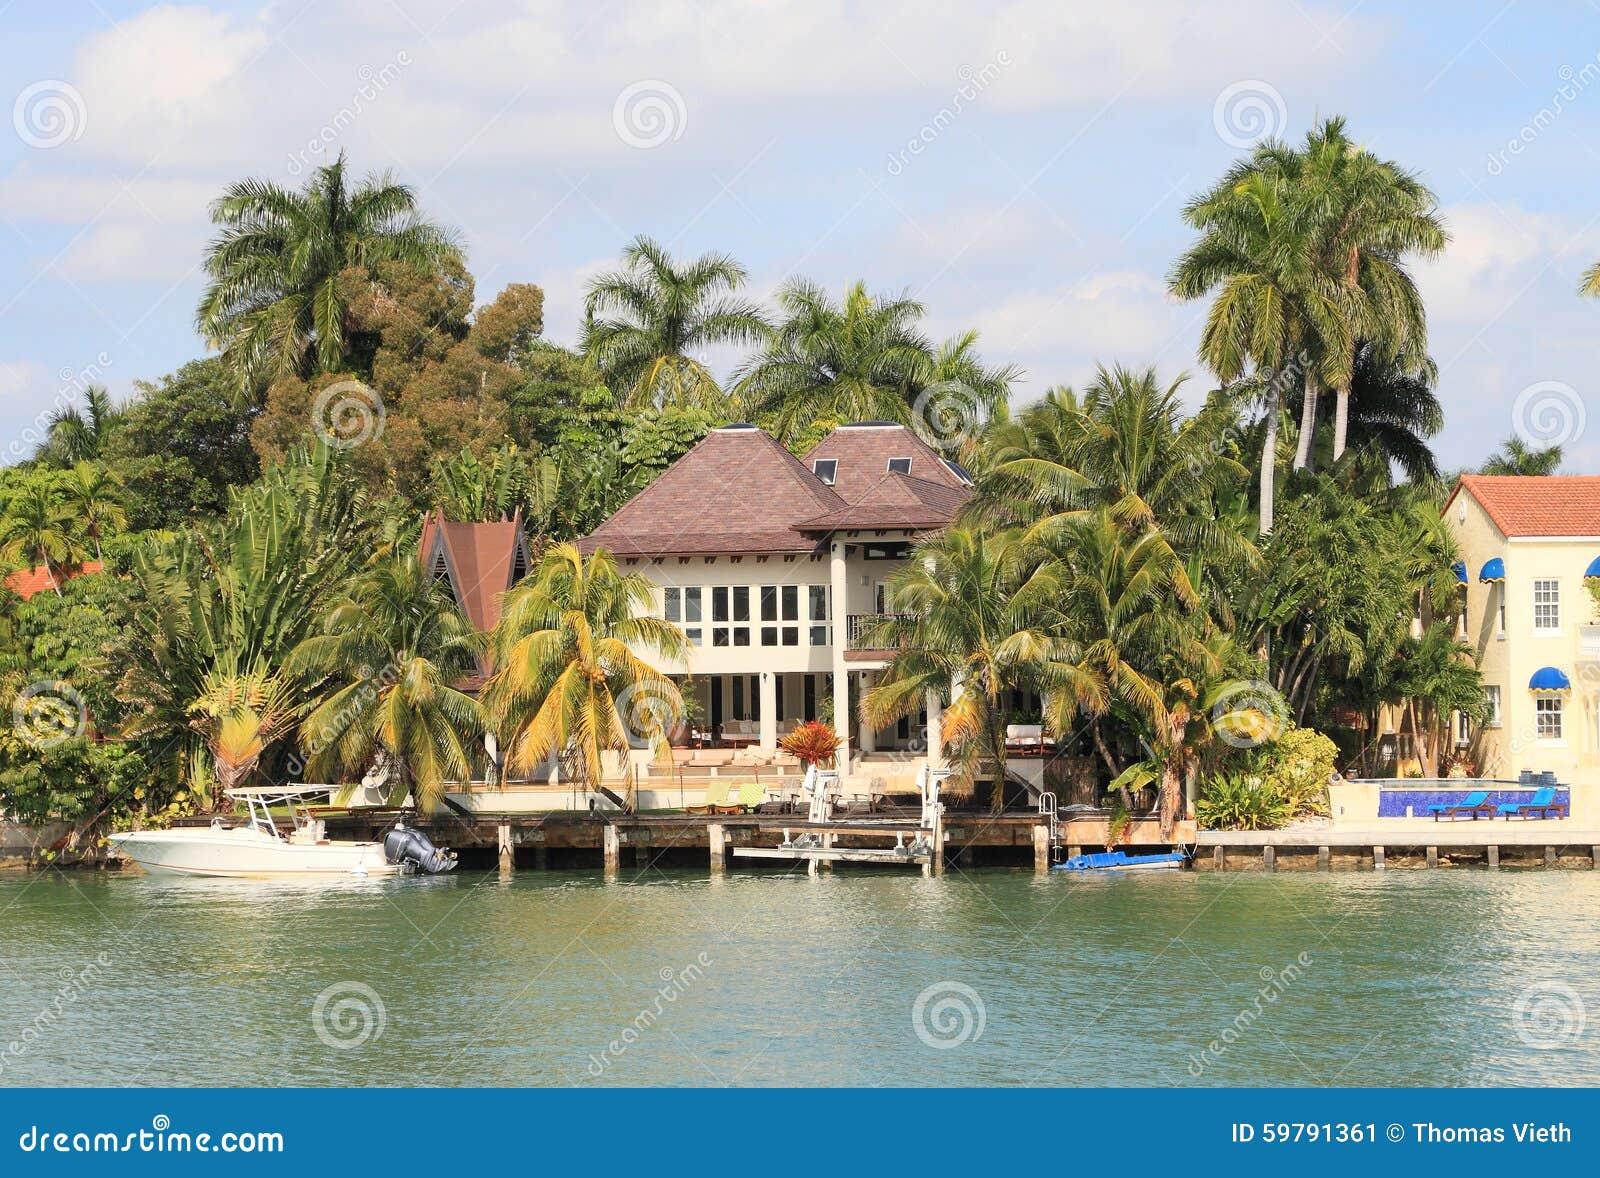 les etats-unis, la floride/miami : maison de bord de mer image stock